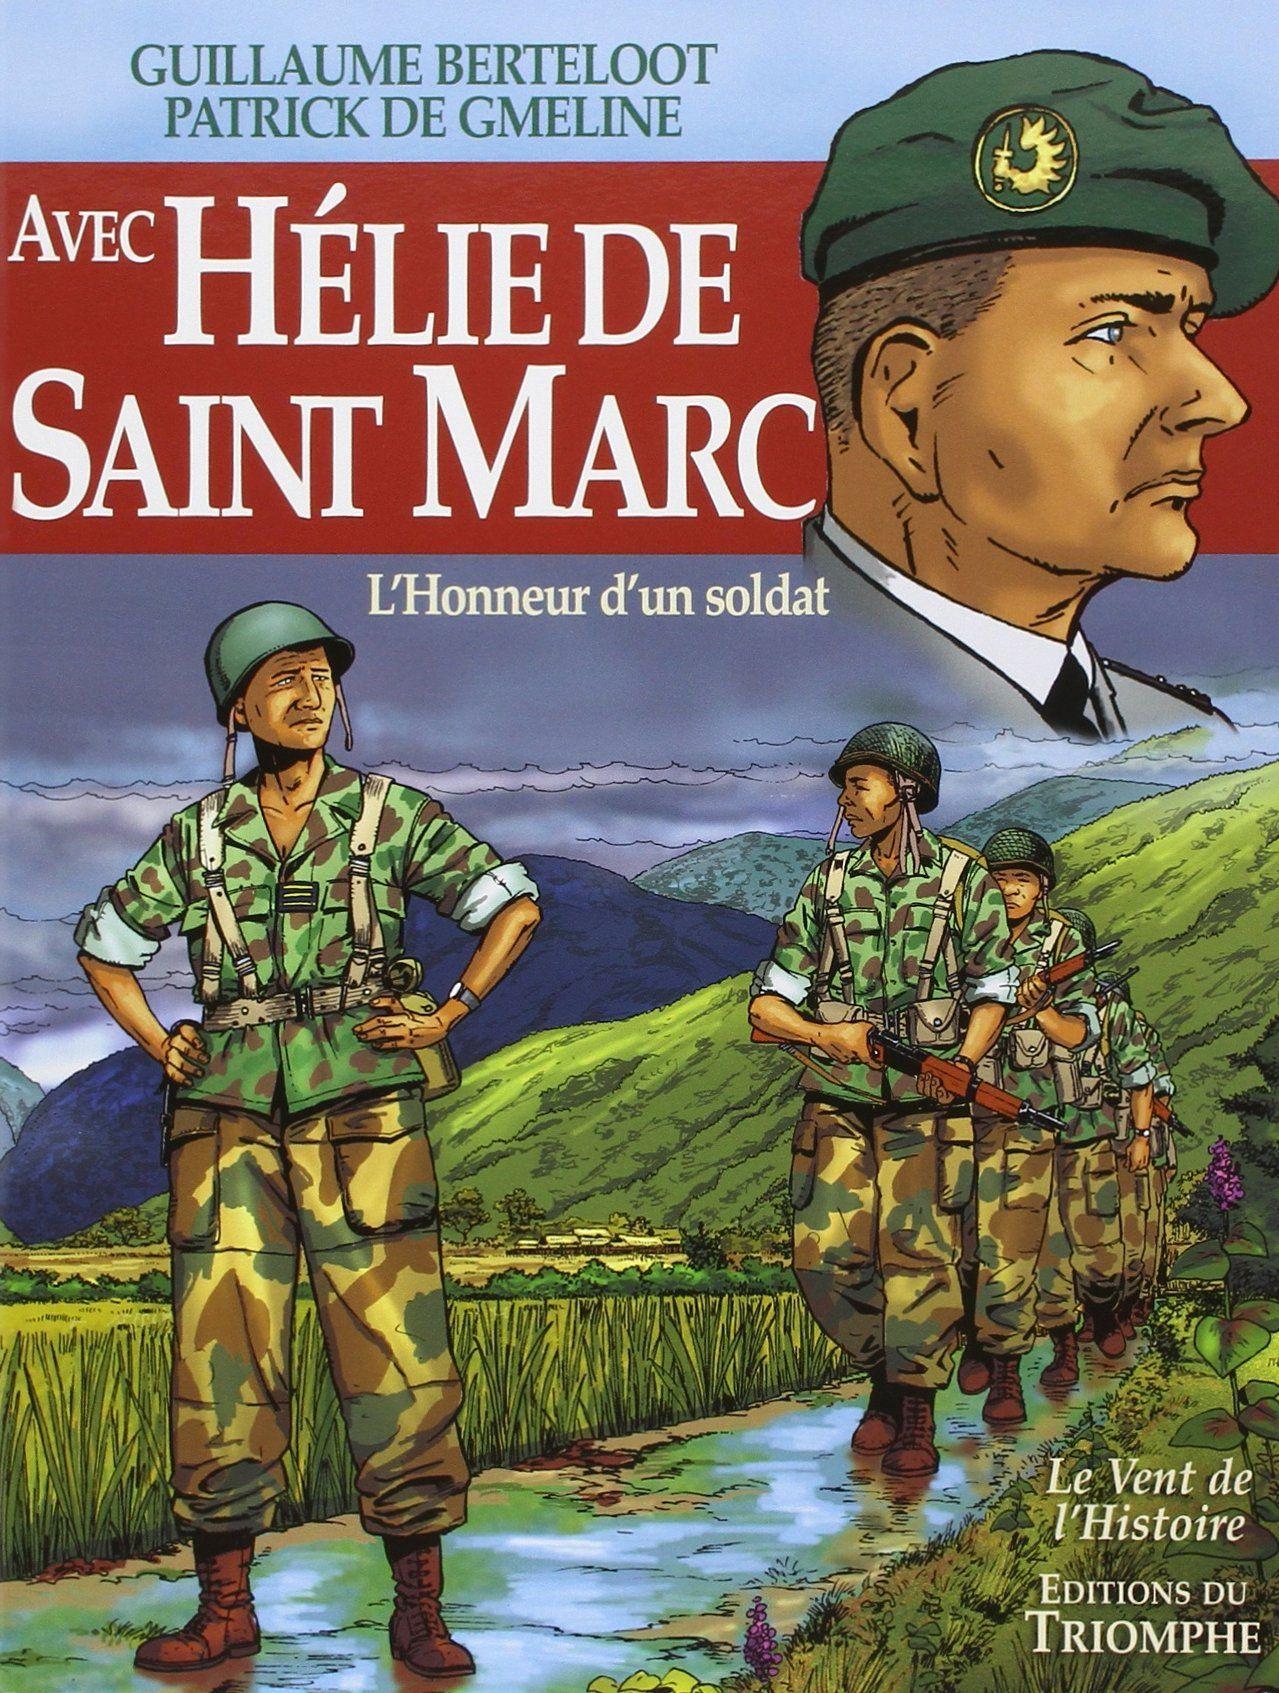 Amazon Fr Avec Helie De Saint Marc Guillaume Berteloot Patrick De Gmeline Livres Telechargement Soldat Livre Numerique